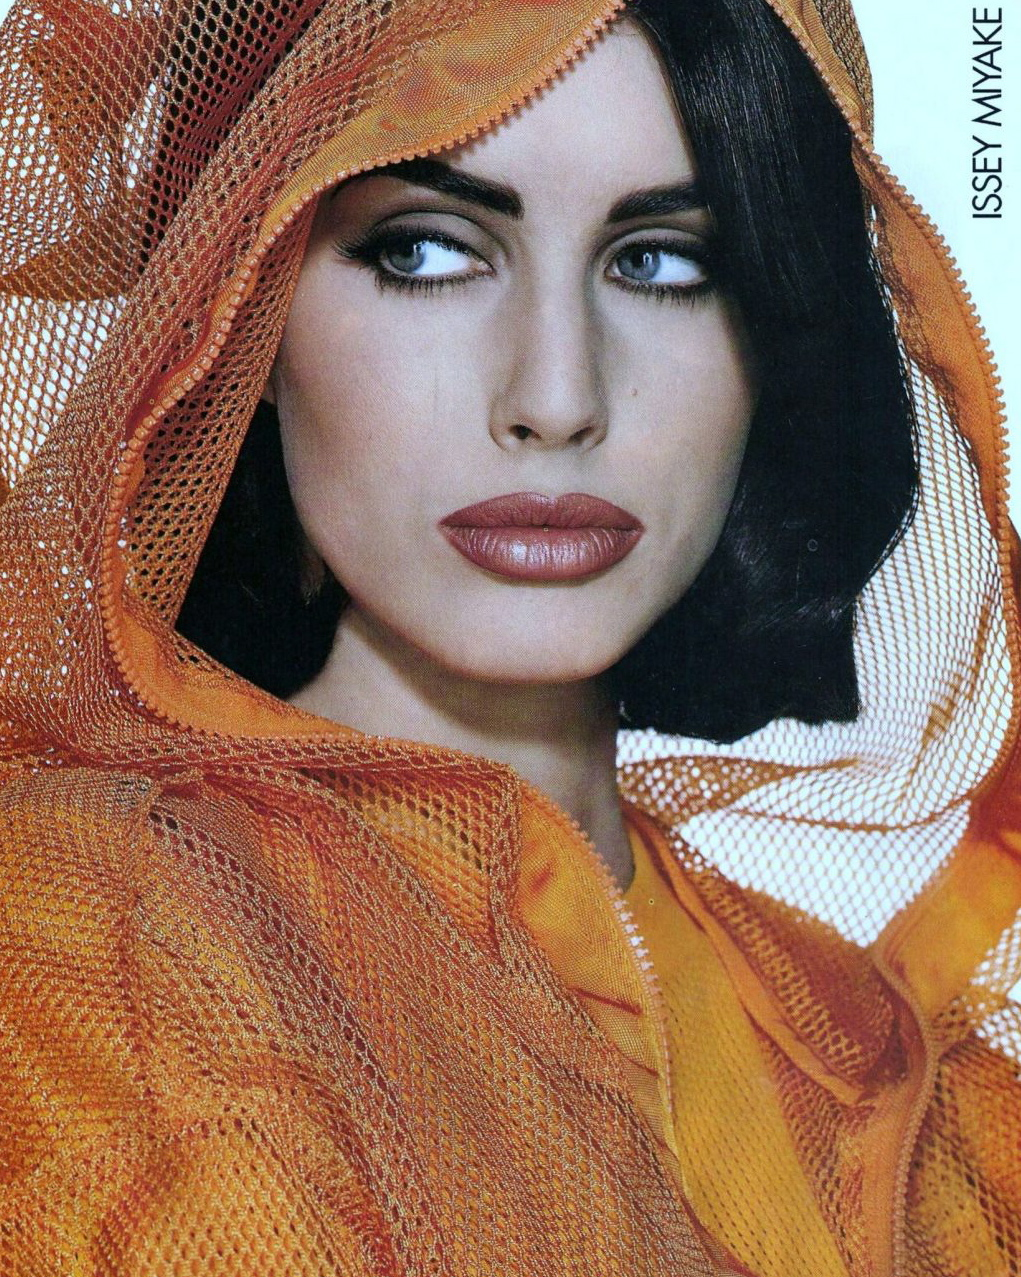 Elle (US) February 1992 | Knockout 02.jpg